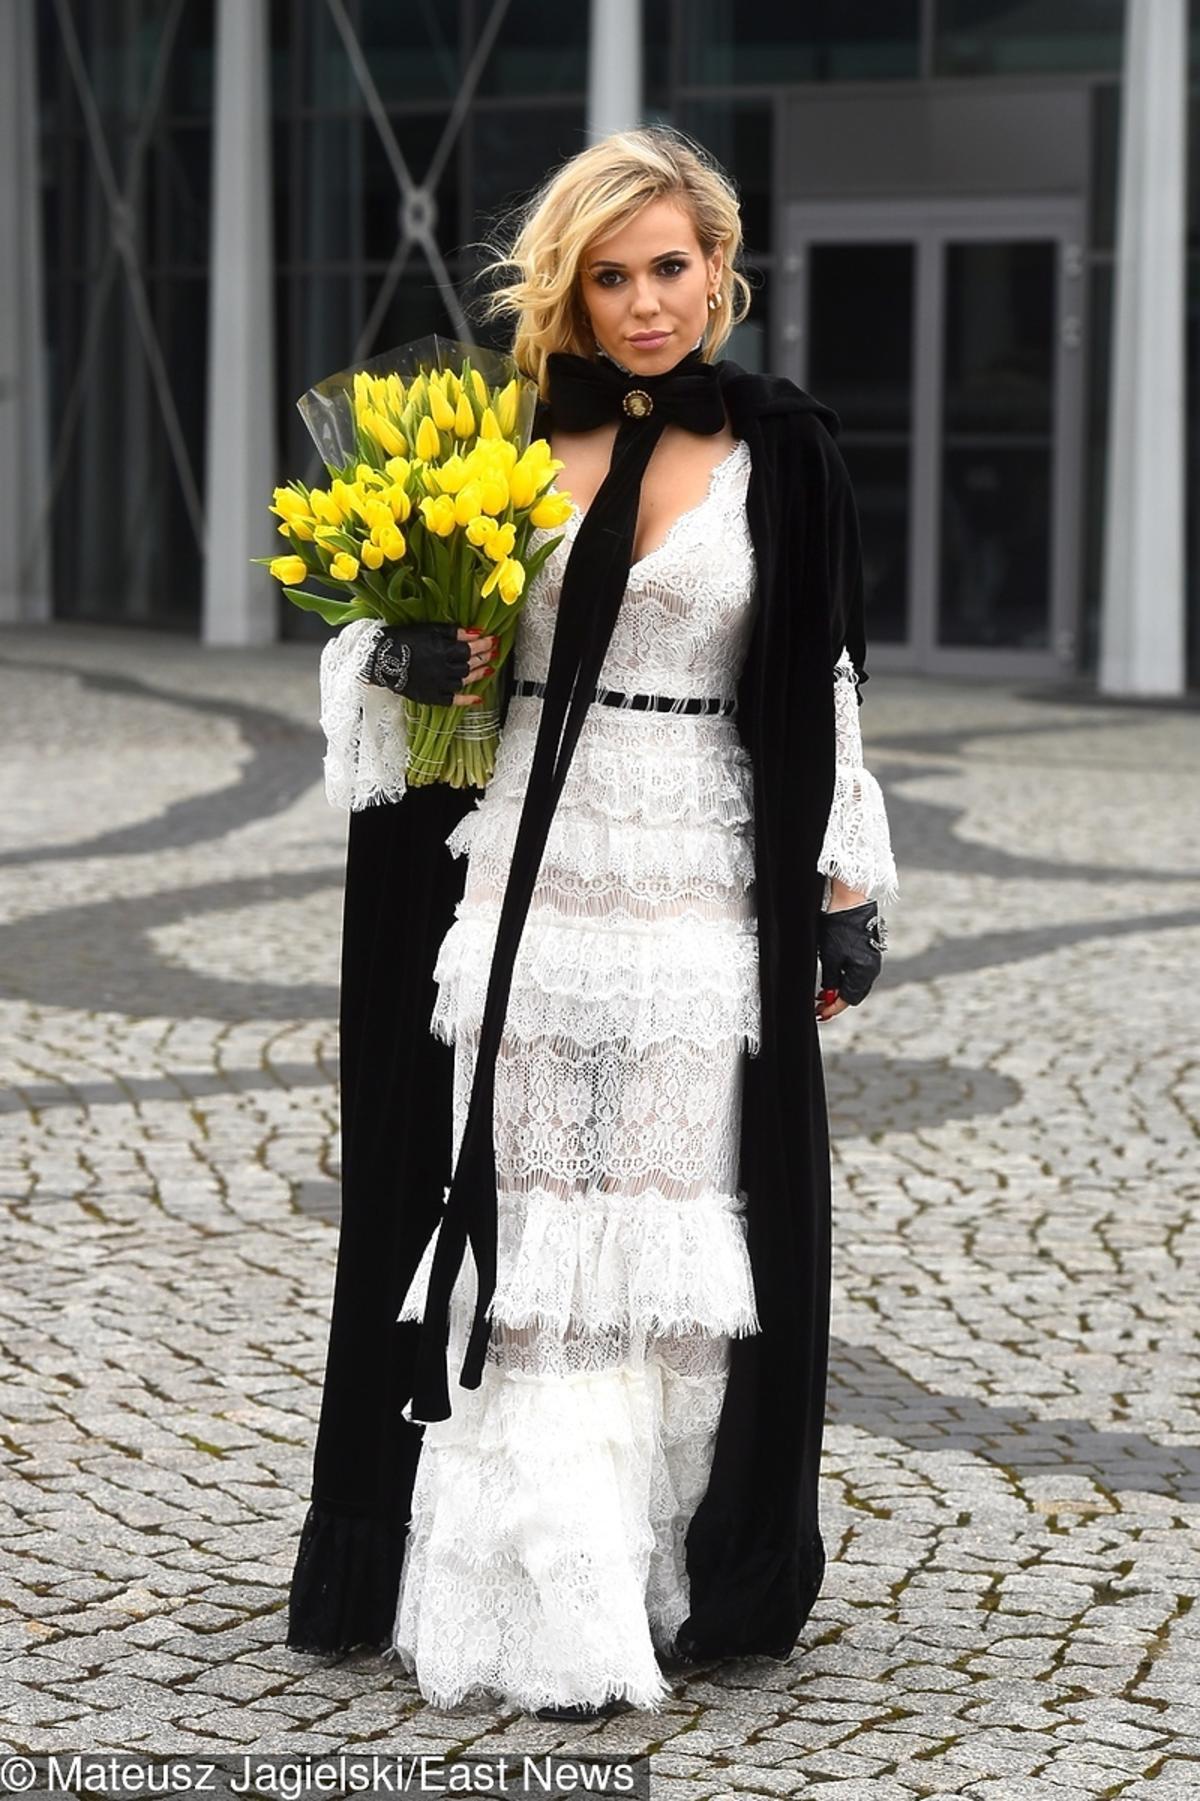 Doda wychodzi z TVP w białej długiej sukni